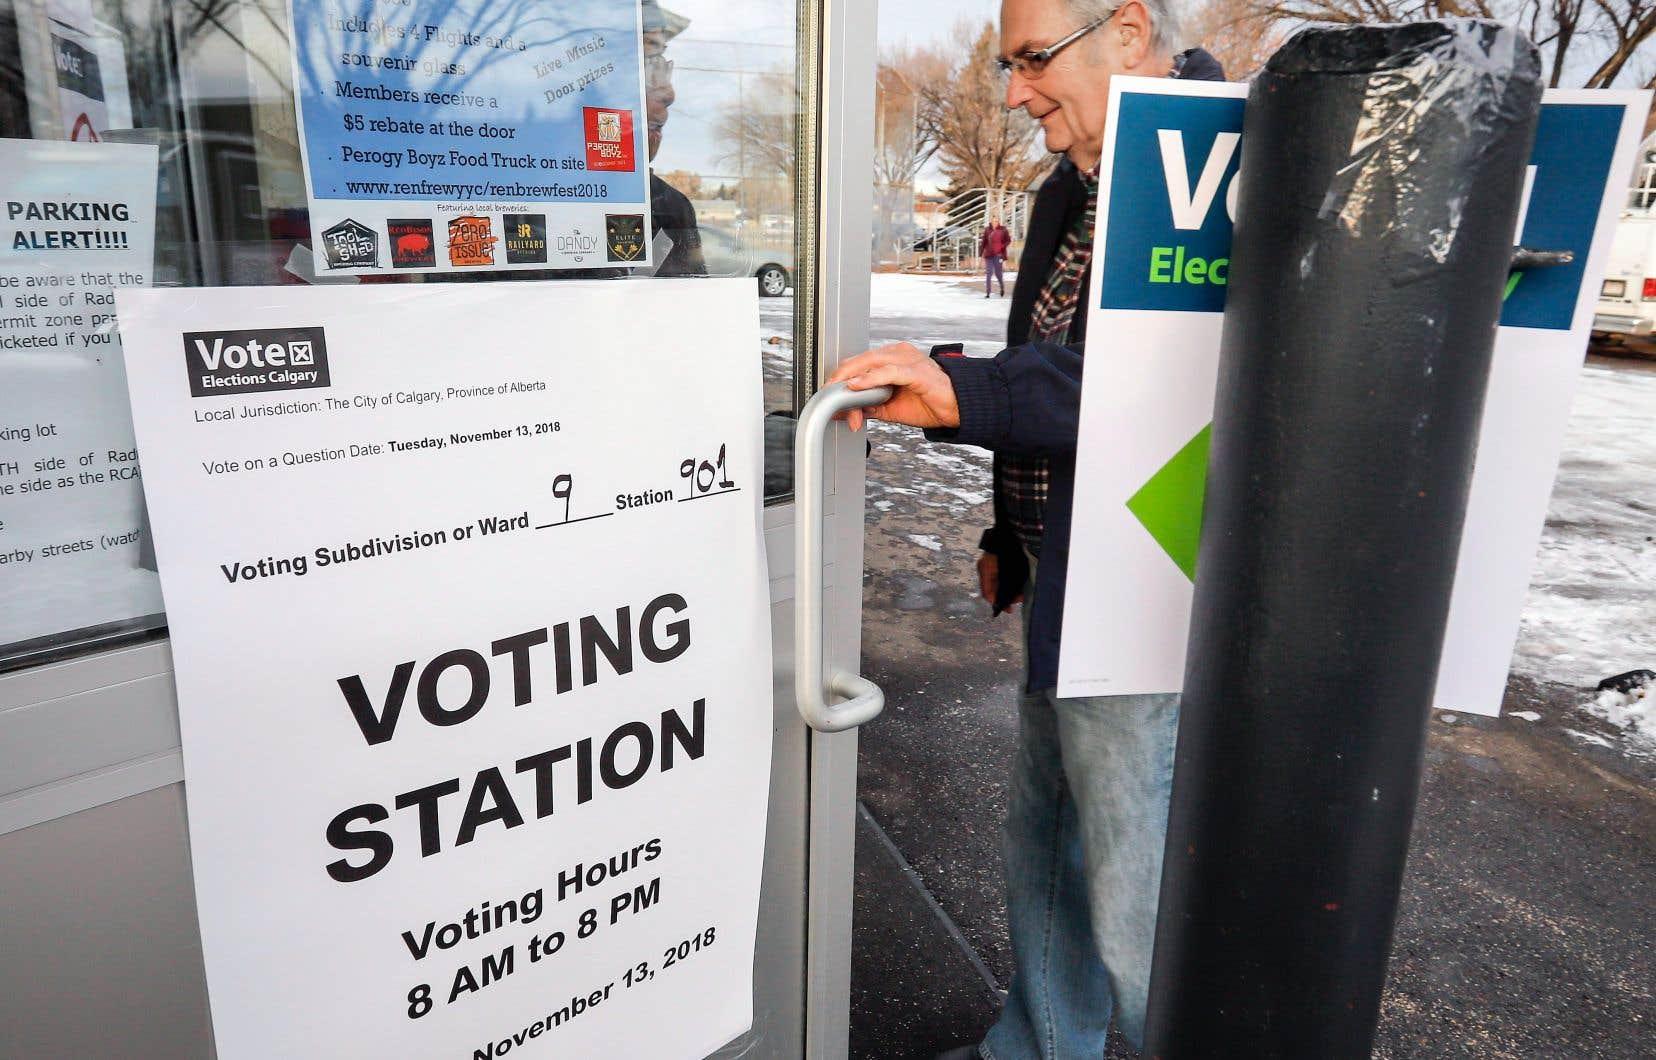 Le référendum avait été fixé comme condition pour que le gouvernement de l'Alberta soutienne financièrement la candidature.